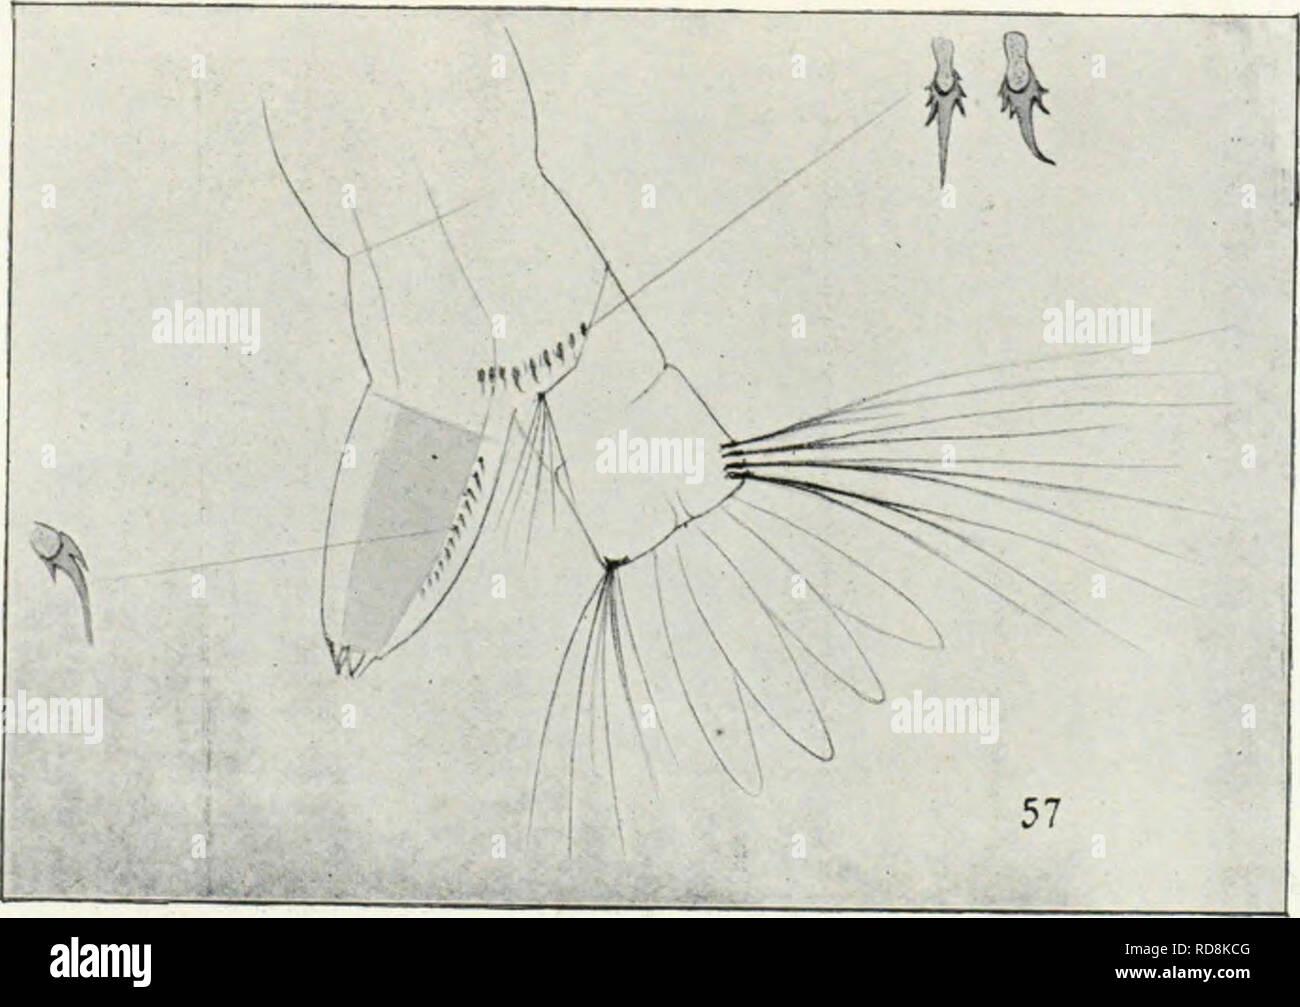 """. Os mosquitos no Pará?. Reunia?o de quatro trabalhos sobre os mosquitos indigenas, principalmente como especies que molestam o homen. Los mosquitos. Kg. 51. - Plaça labial (meií- lum) de uma larva de Ste- gomyia fascieta. Vista ])ho- lograi>liica coiu augmento bas- tante forte. Kg. 5"""". -Diseño de dos iliversos espi- nhos (TIJ).), anci- nho siidional da lar- va de Stego adulta- myia fasciata, FEI- nas mcsmati coudi- çõe."""" que una figura anterior. Fig. """"I. - Inia clirysa- lida (IC Stegomyia, vista pel(j lado ventral, em es- cala um tanto maior. 8a- lienta-se una tuba respira- tória curta. P Foto de stock"""